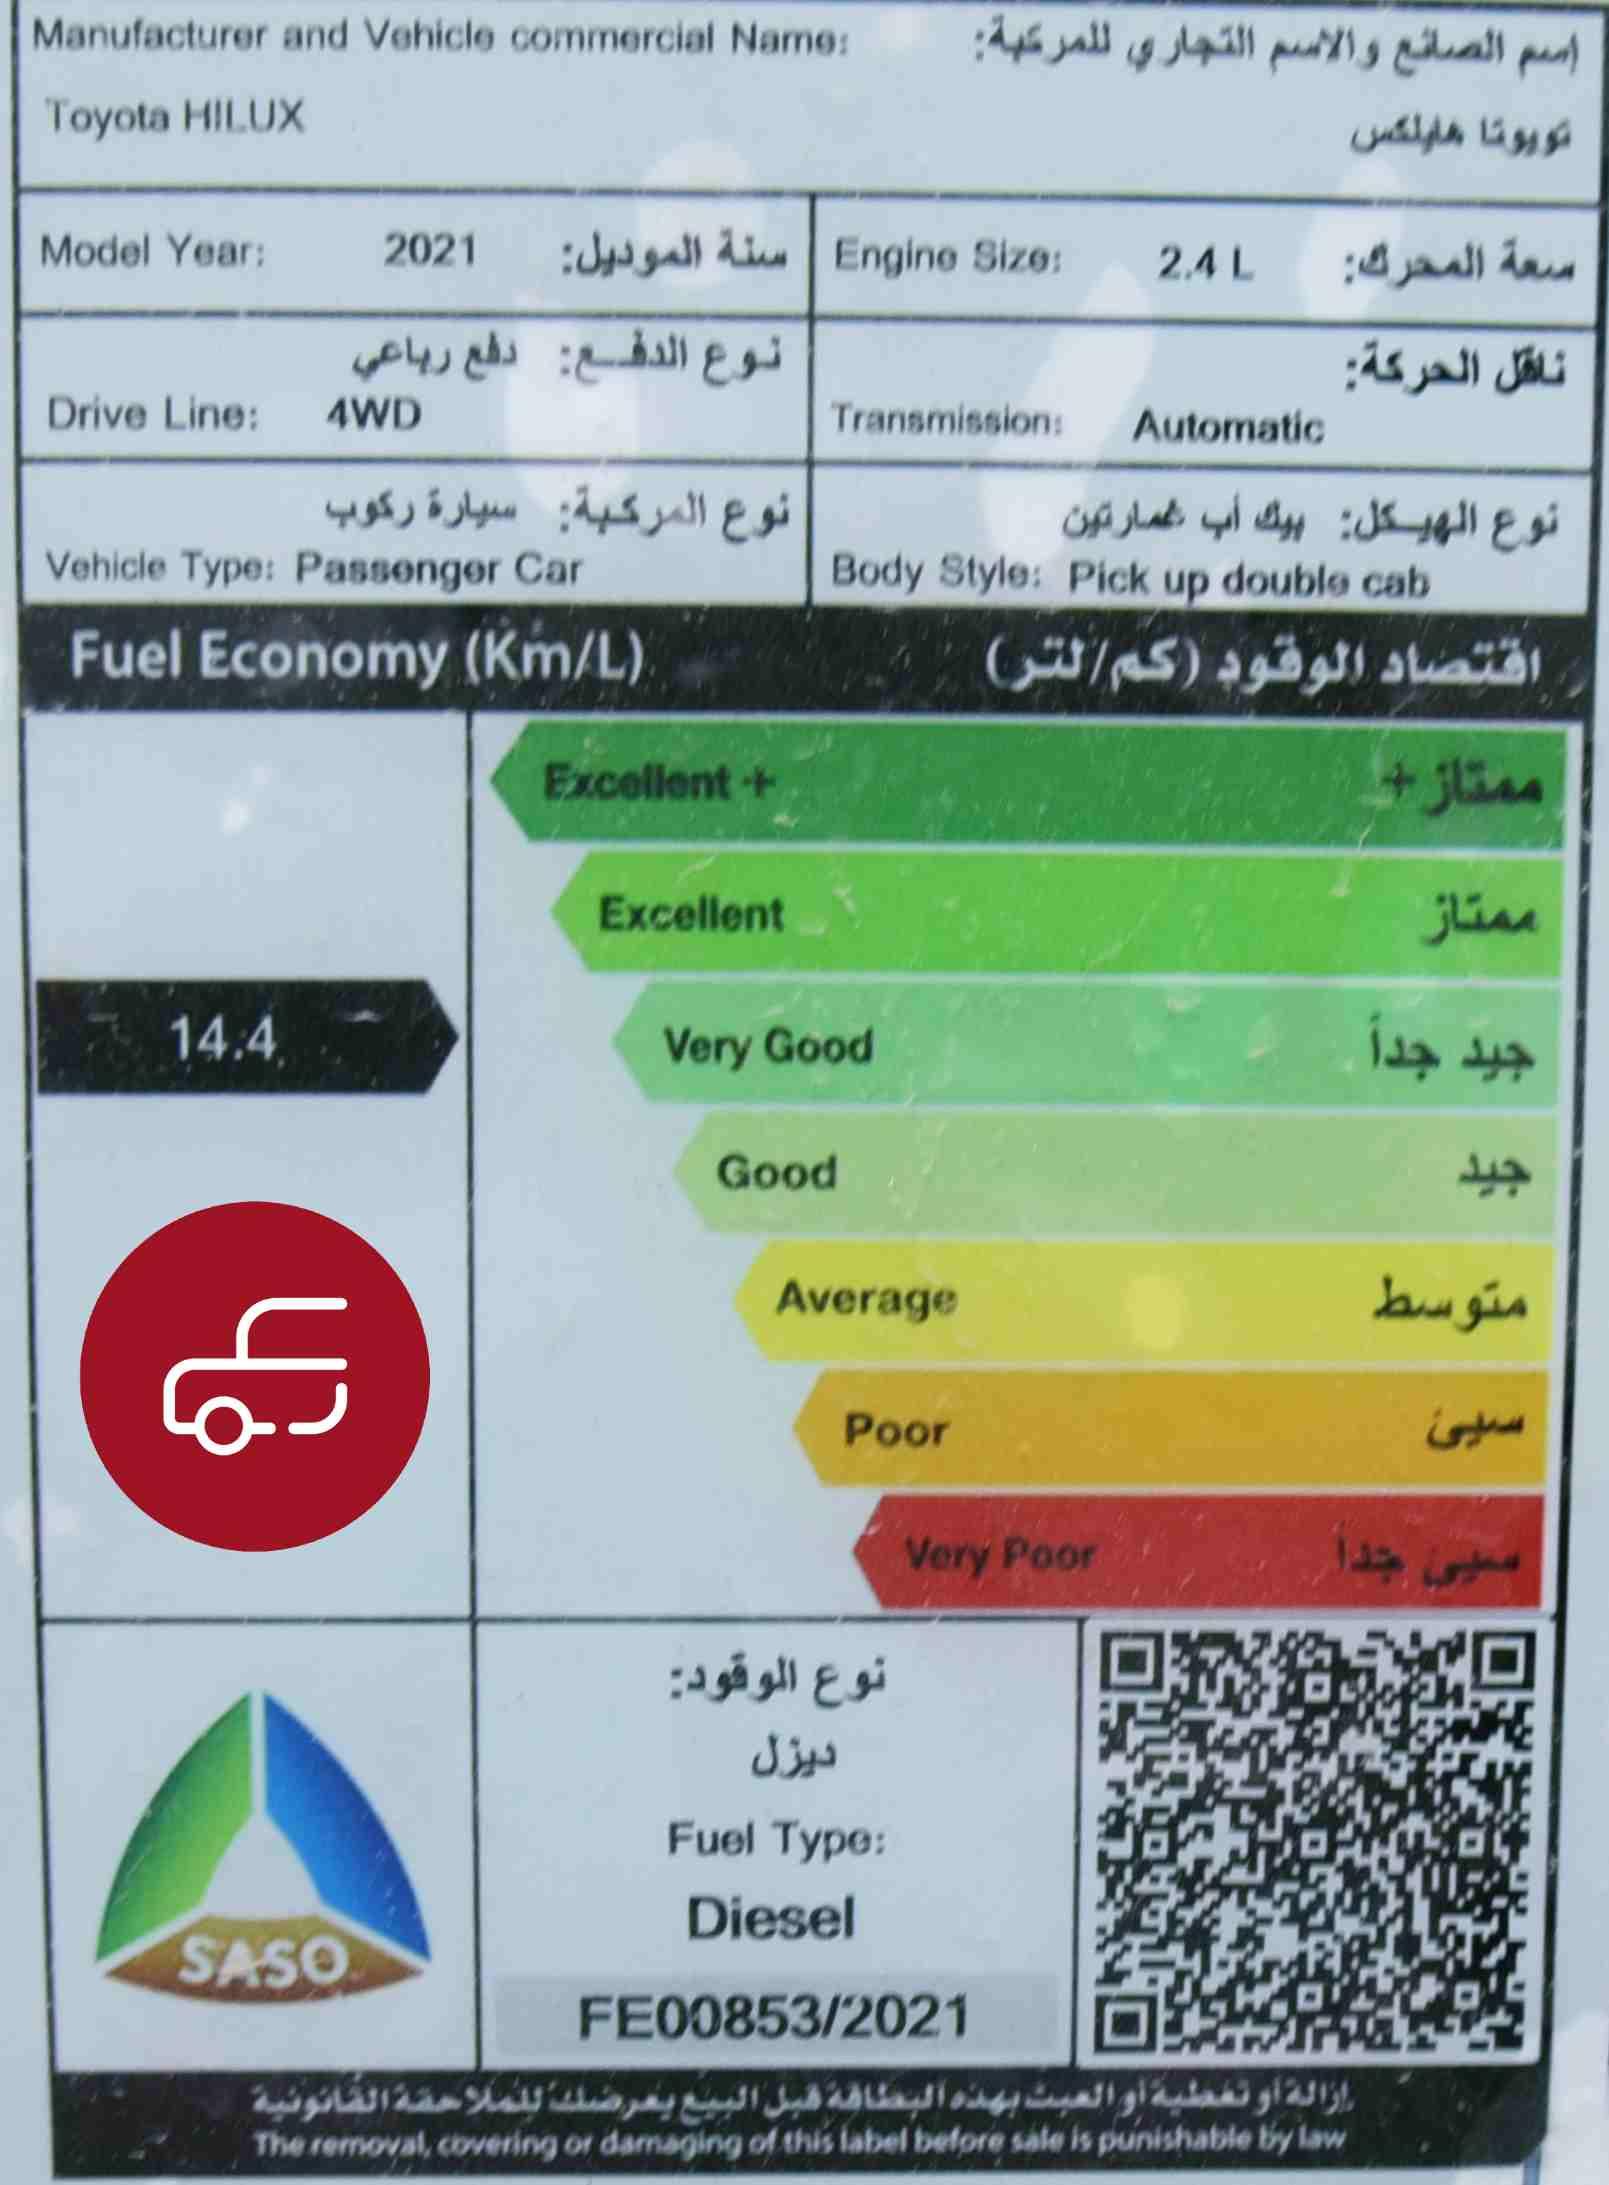 تويوتا هايلكس 2021 غمارتين دبلDLX-G اوتوماتيك  ديزل خليجي  للبيع في الرياض - السعودية - صورة كبيرة - 6